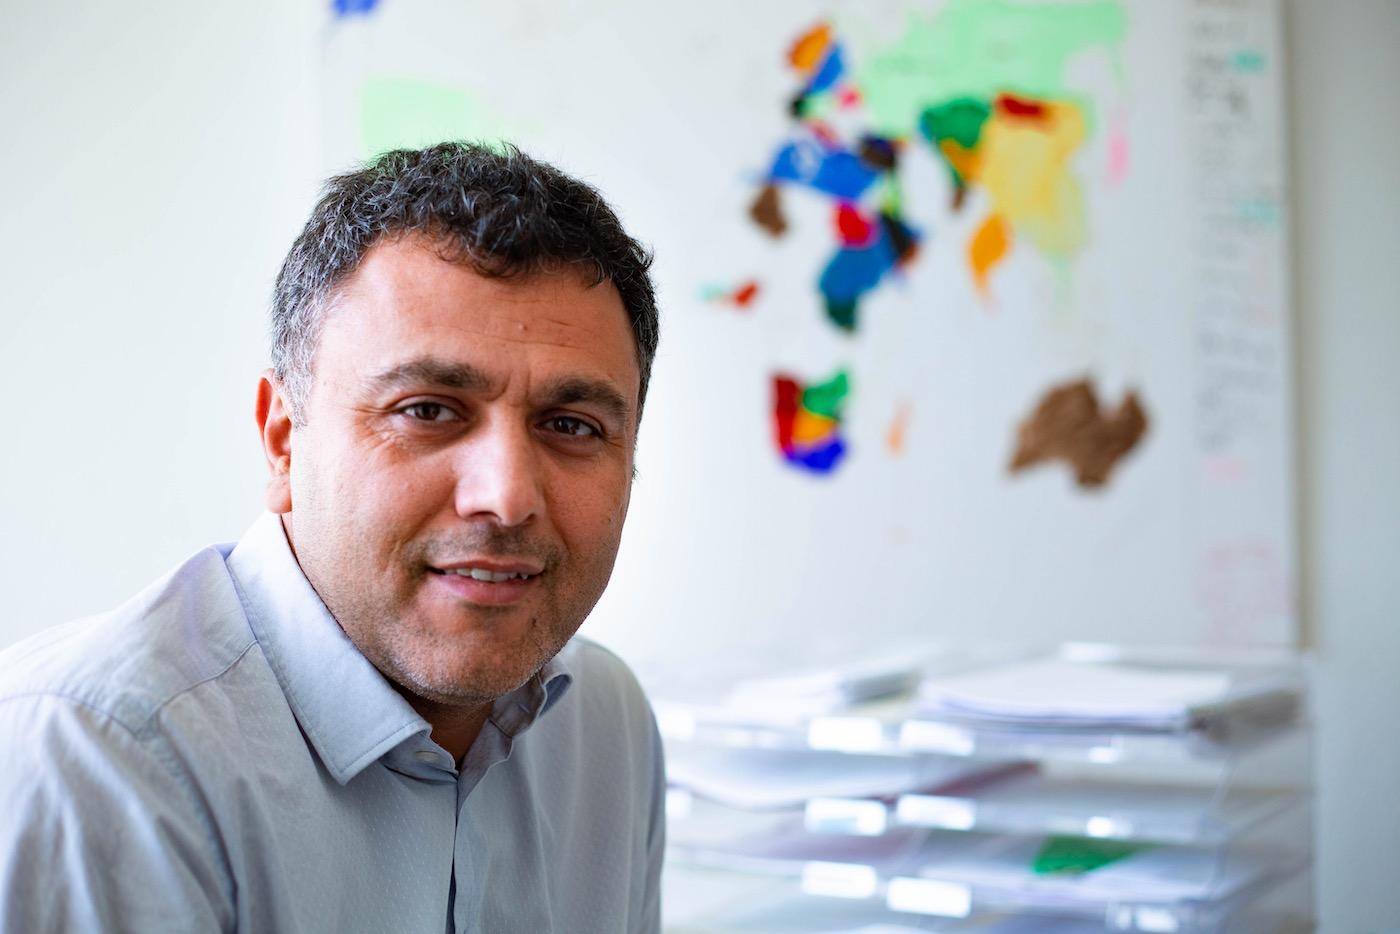 Mamad Mohamad gründete vor über zehn Jahren das Netzwerk Lamsa.